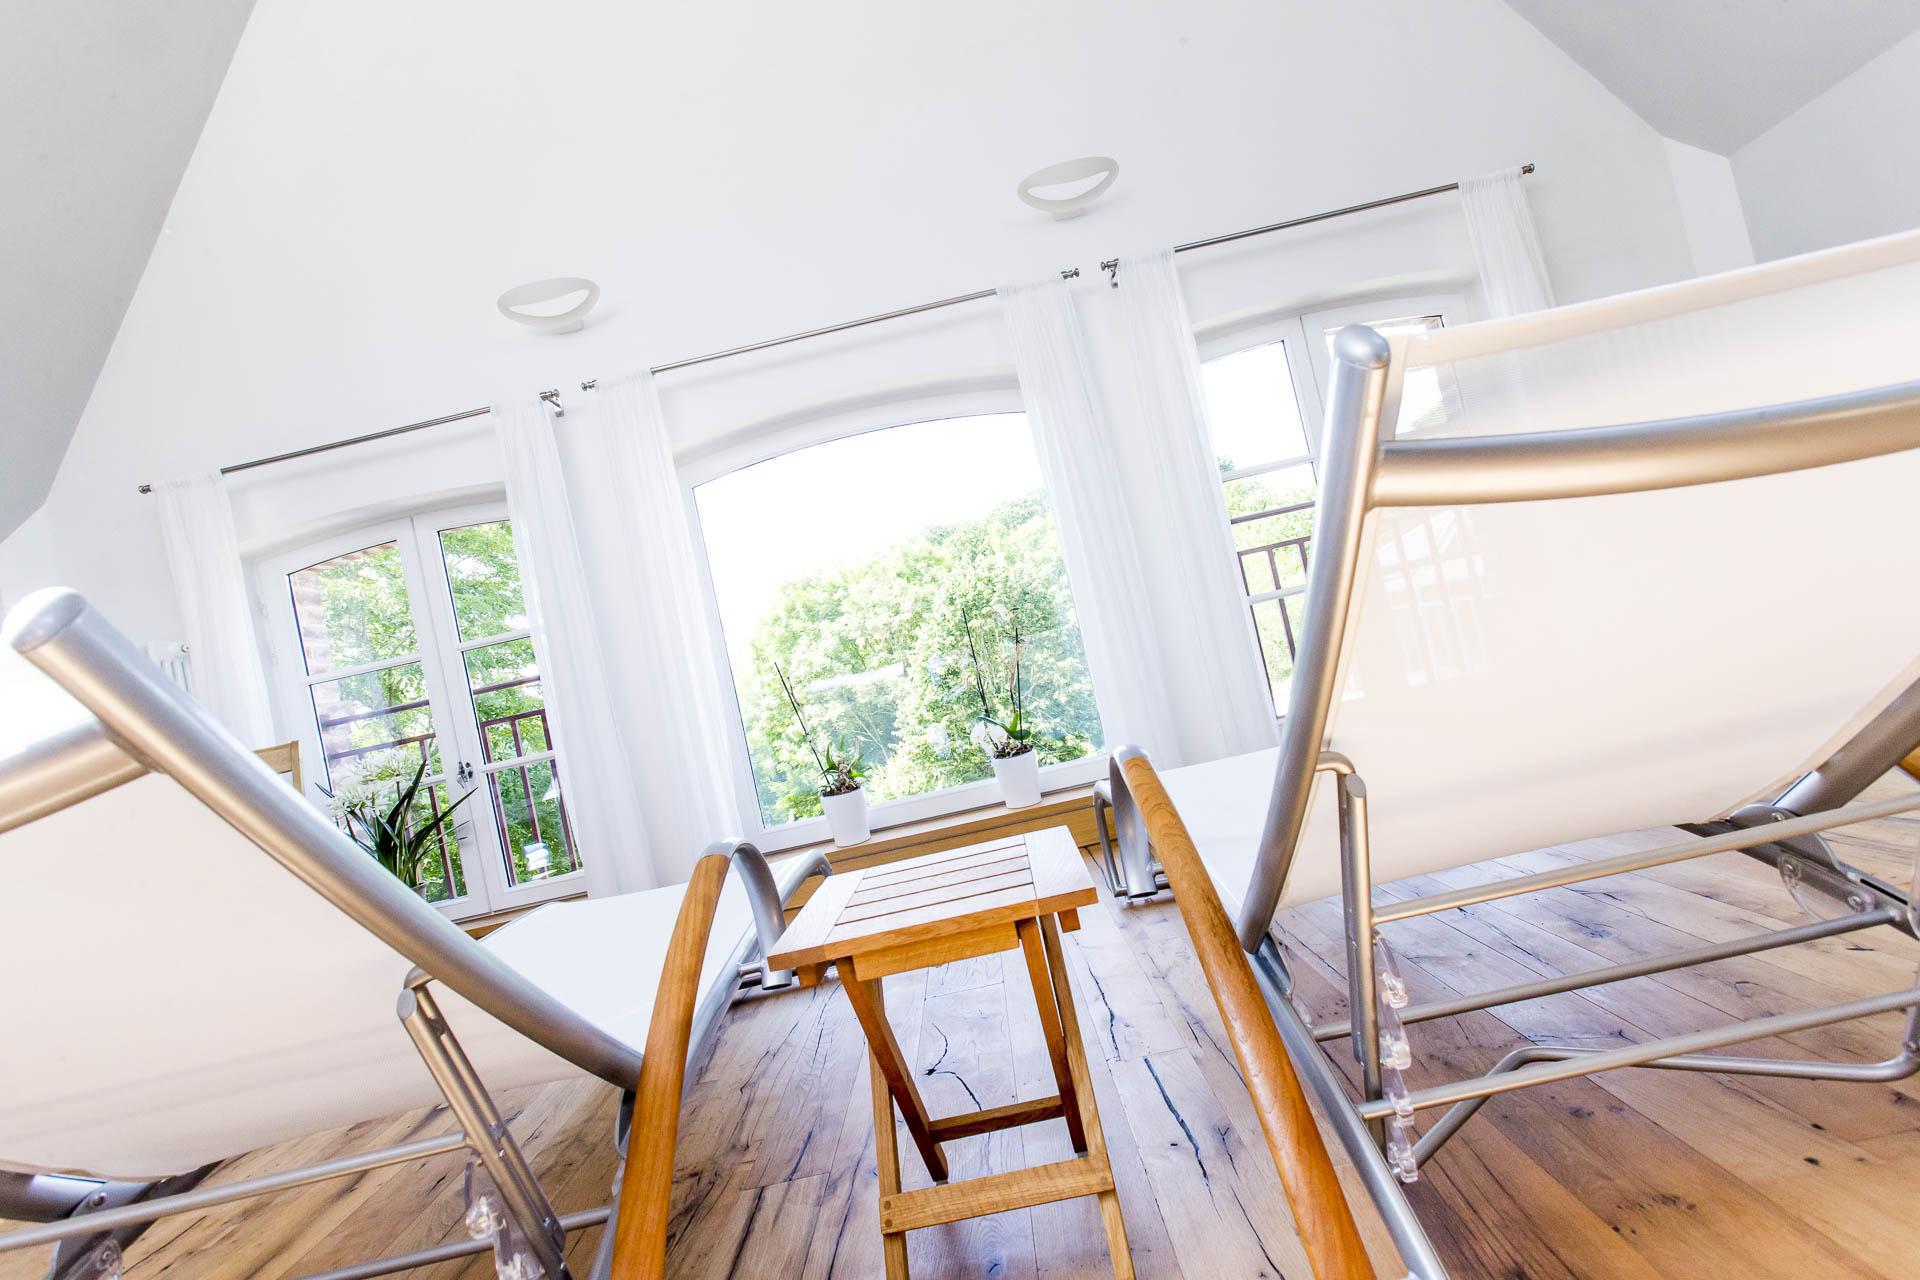 interior_life_design©stephaneleroy-E61R3882.jpg